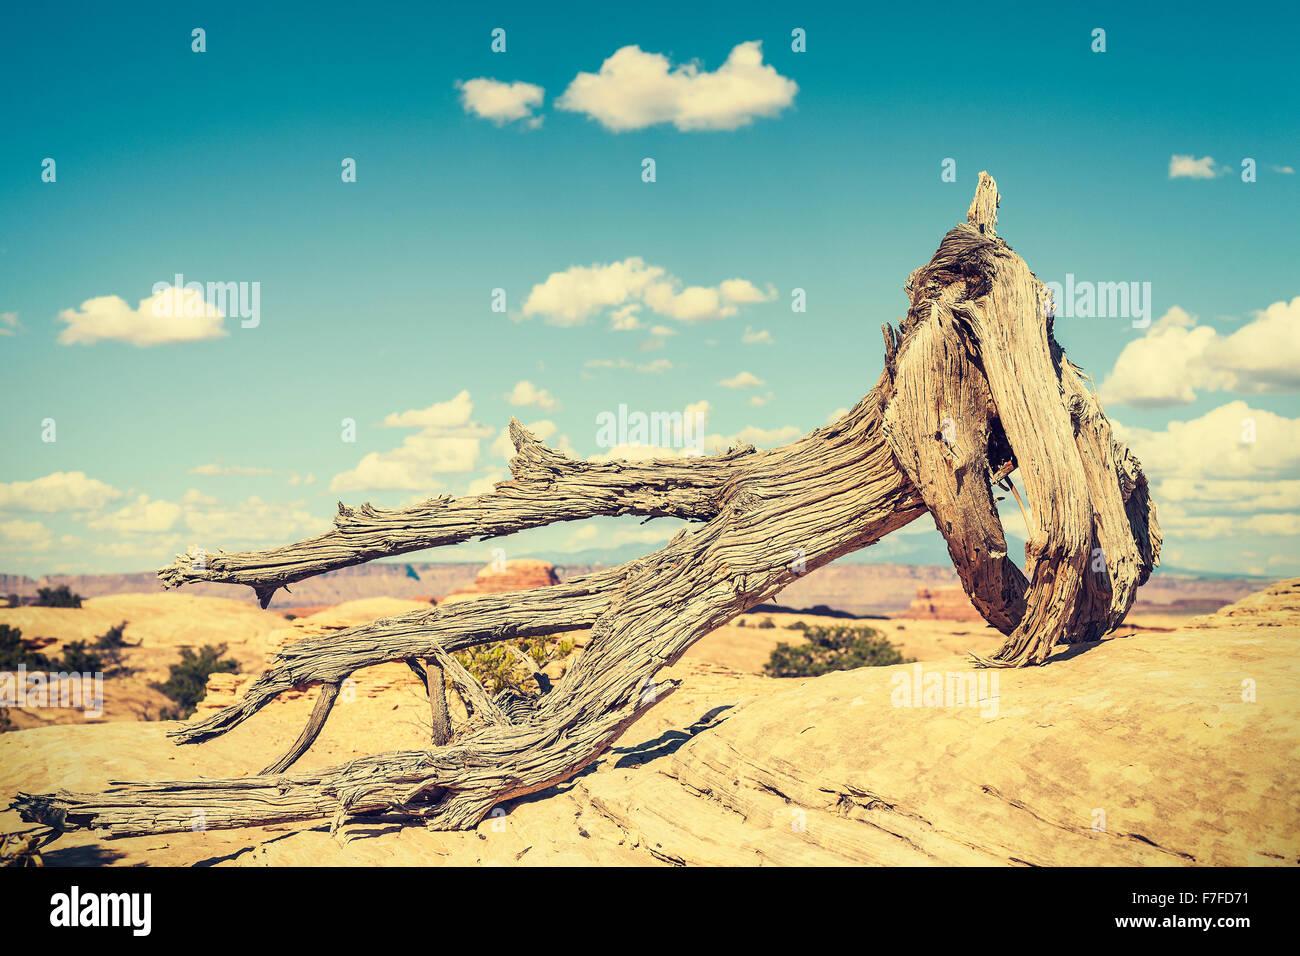 Retrò tonica albero morto, cambiamento climatico concetto immagine. Immagini Stock